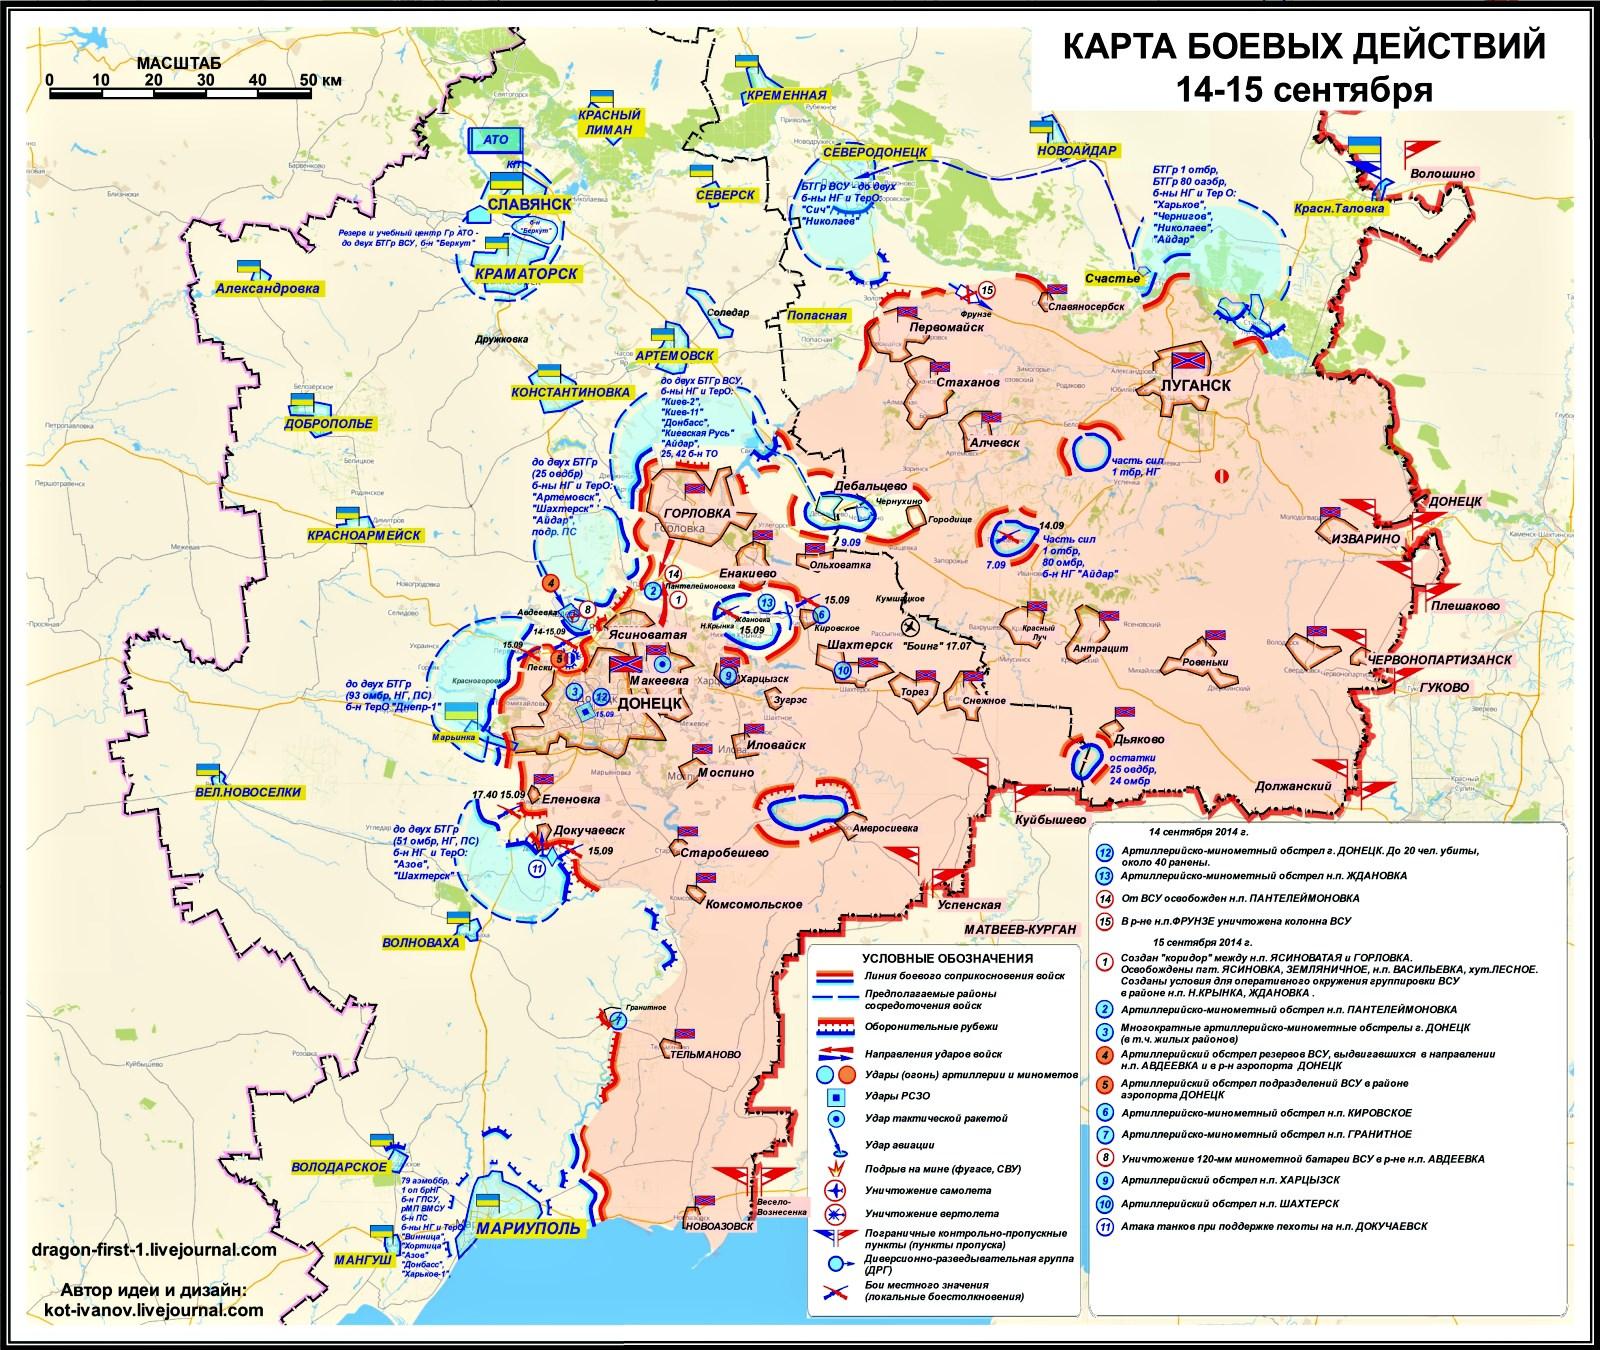 00 Novorossiya sitrep 03. 17.09.14